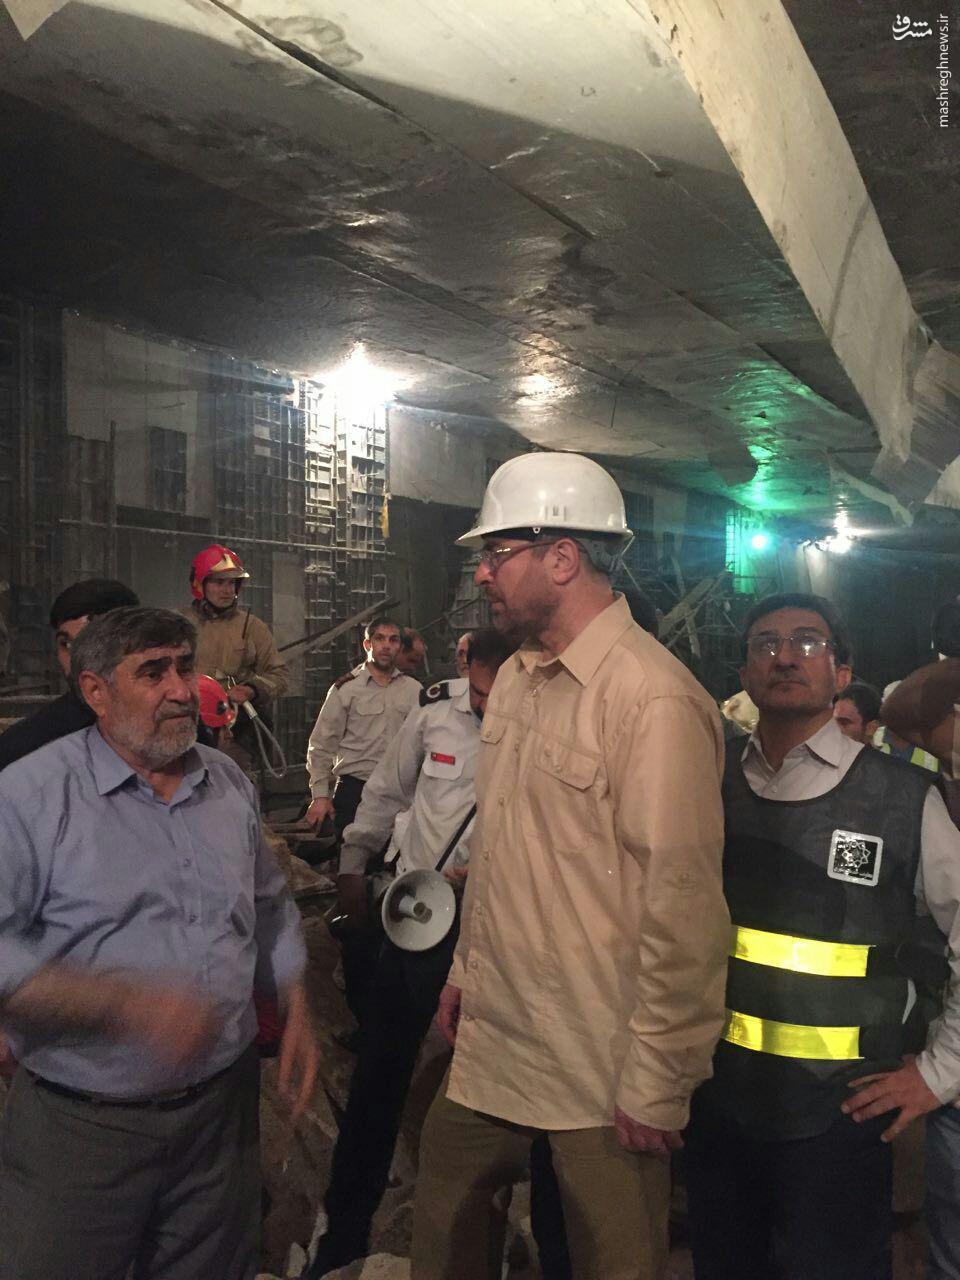 قالیباف در محل حادثه حاضر شد/ تأیید مرگ 4 نفر/ علت حادثه مشخص شد +عکس